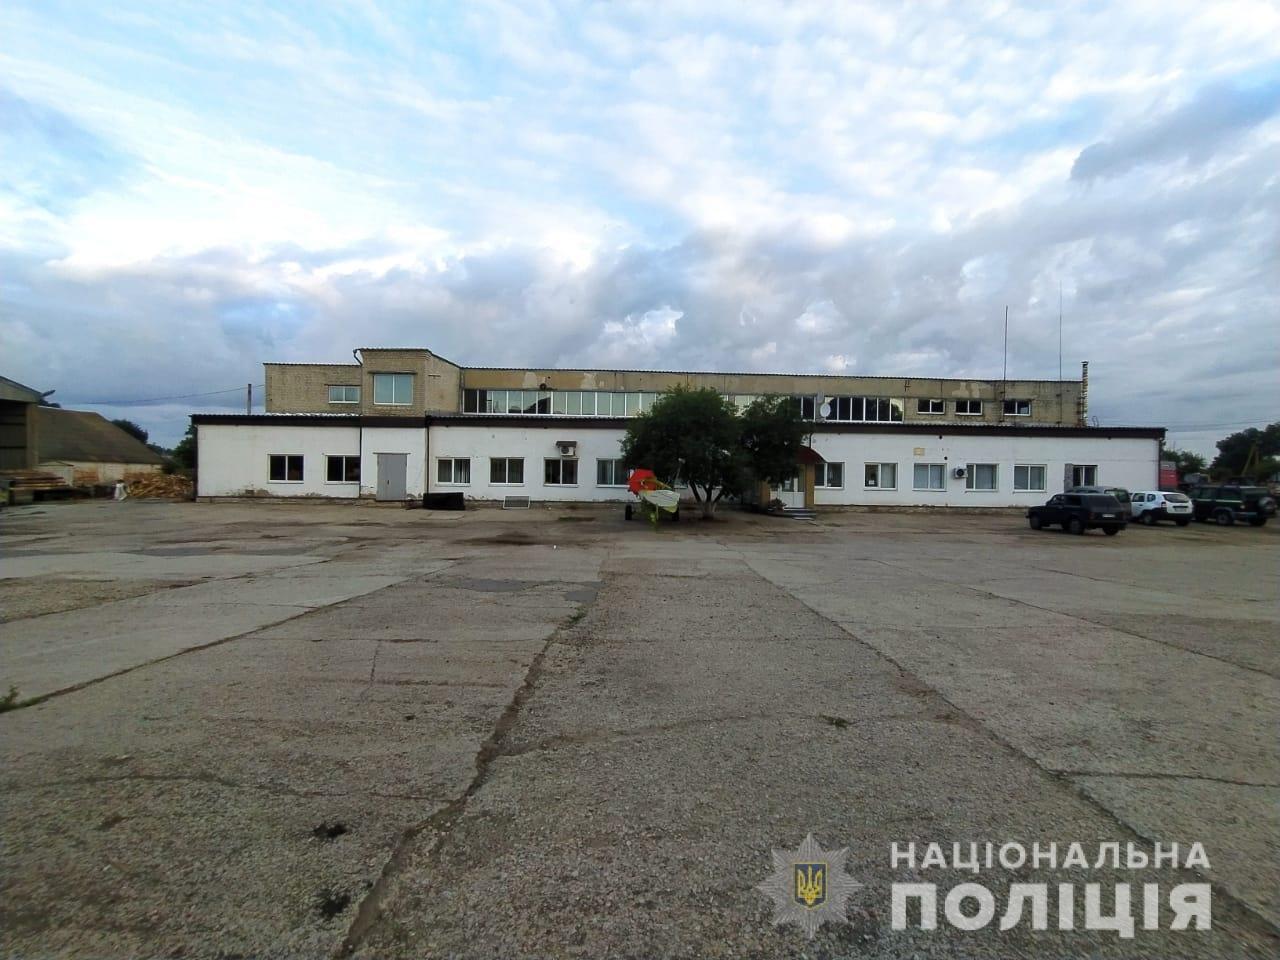 Лозовчанина задержали за разбойное нападение на сельхозпредприятие в Катериновке , фото-11